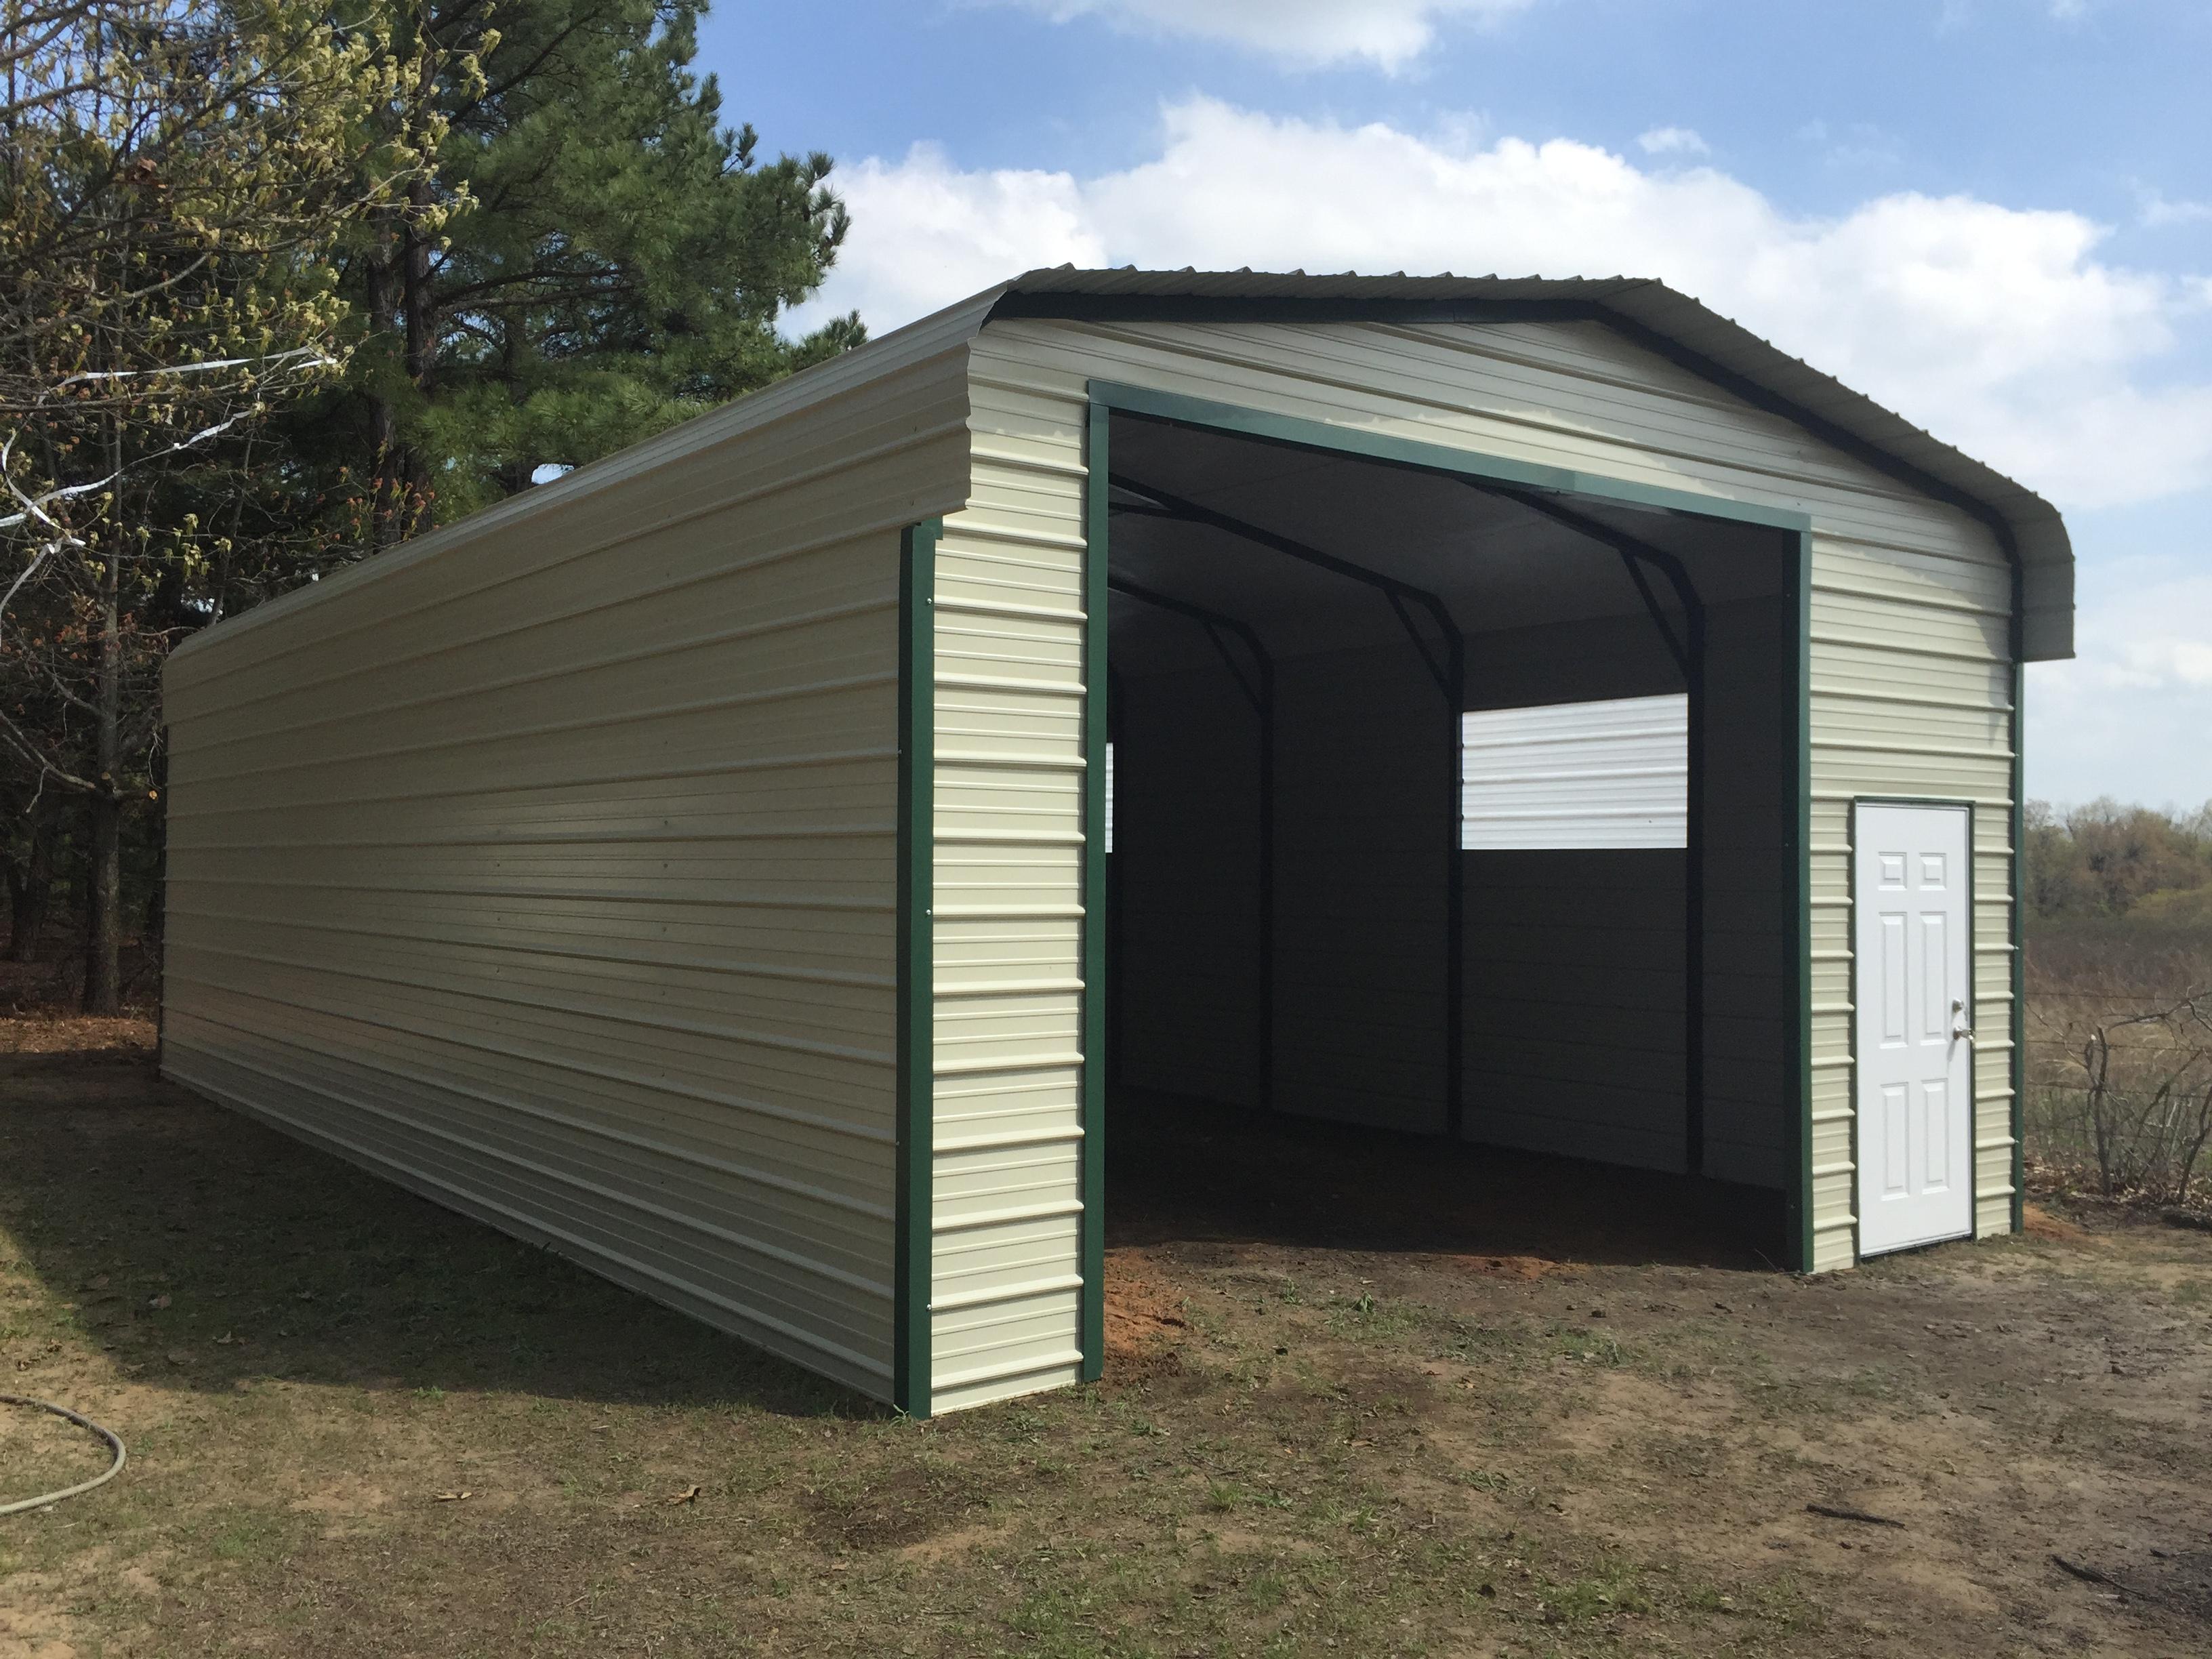 standard garages. Black Bedroom Furniture Sets. Home Design Ideas